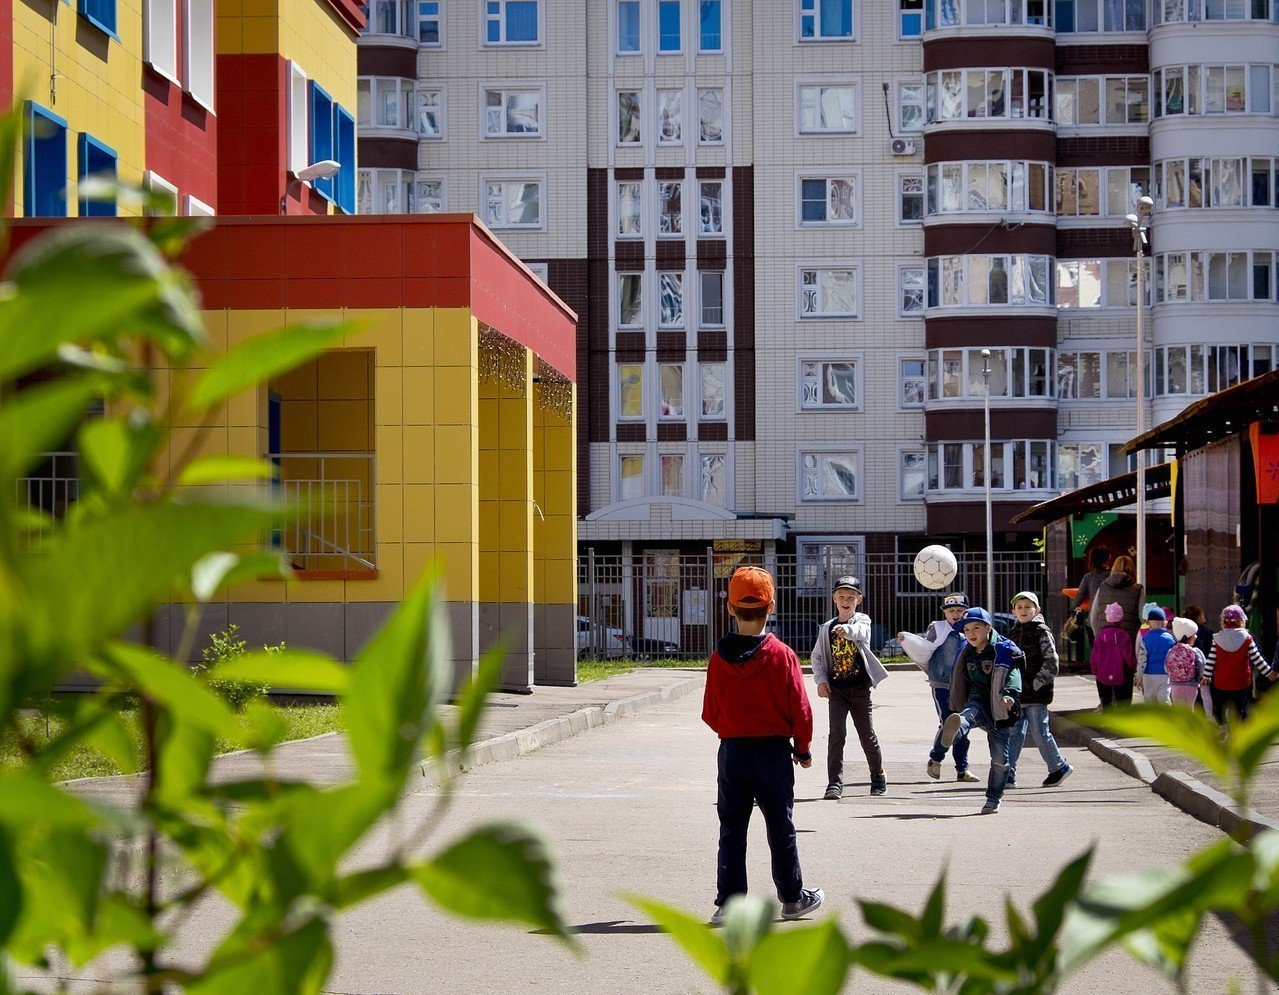 俄羅斯學生年平均上學時數僅500小時,一群小學生課後在學校外踢足球。 (美聯社)